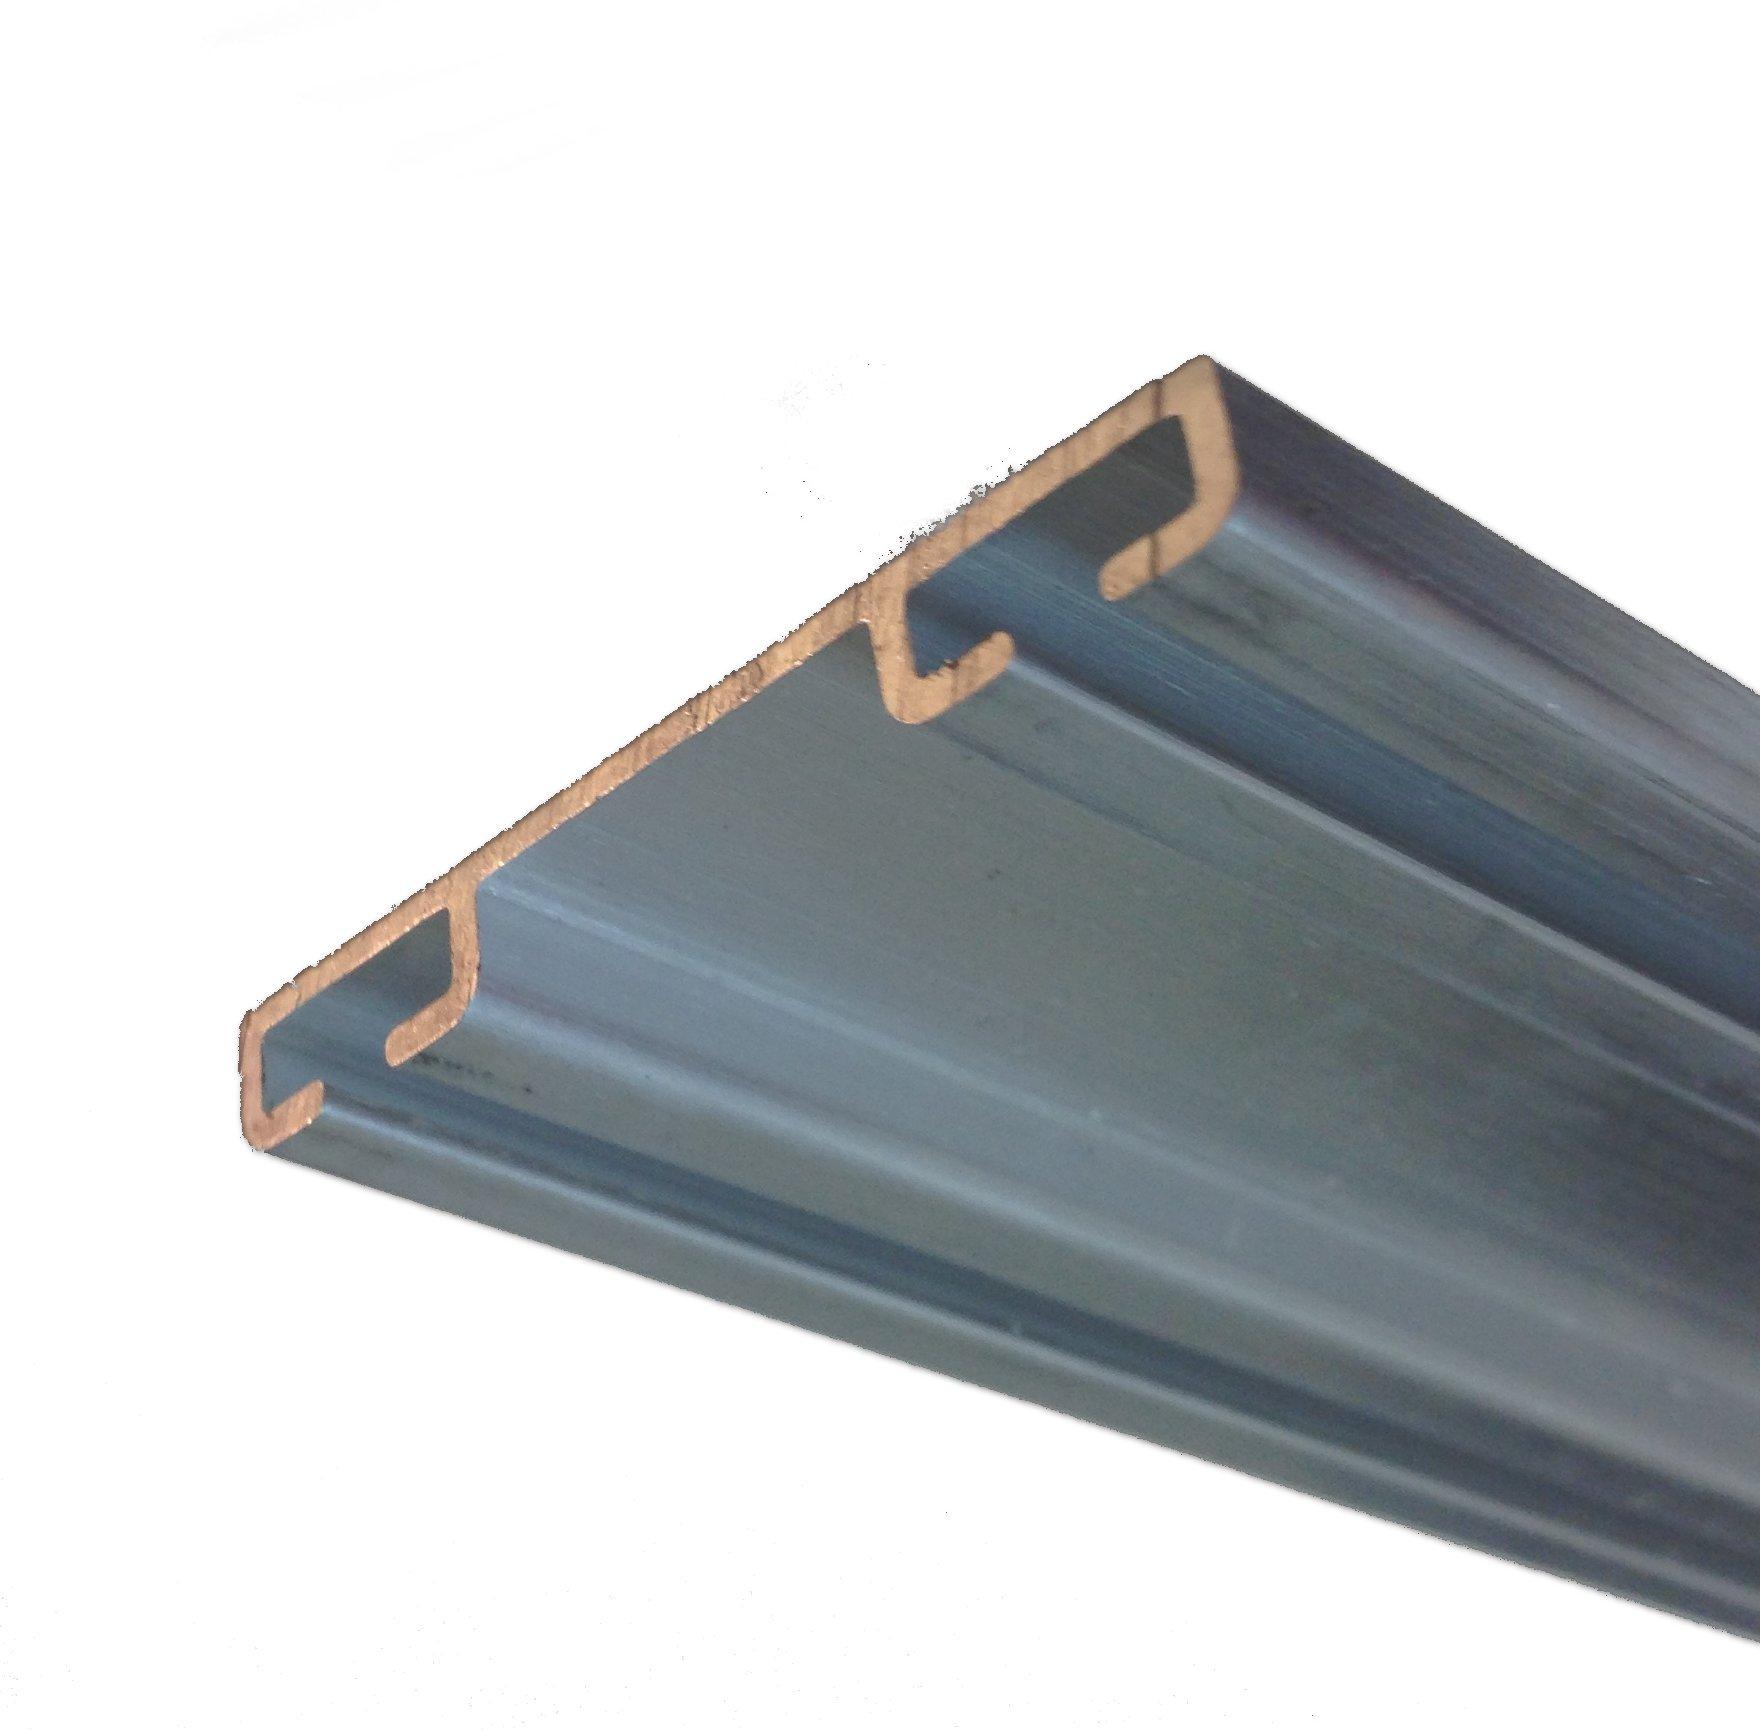 Aluminum garage door threshold - Aluminumchannel Jpg